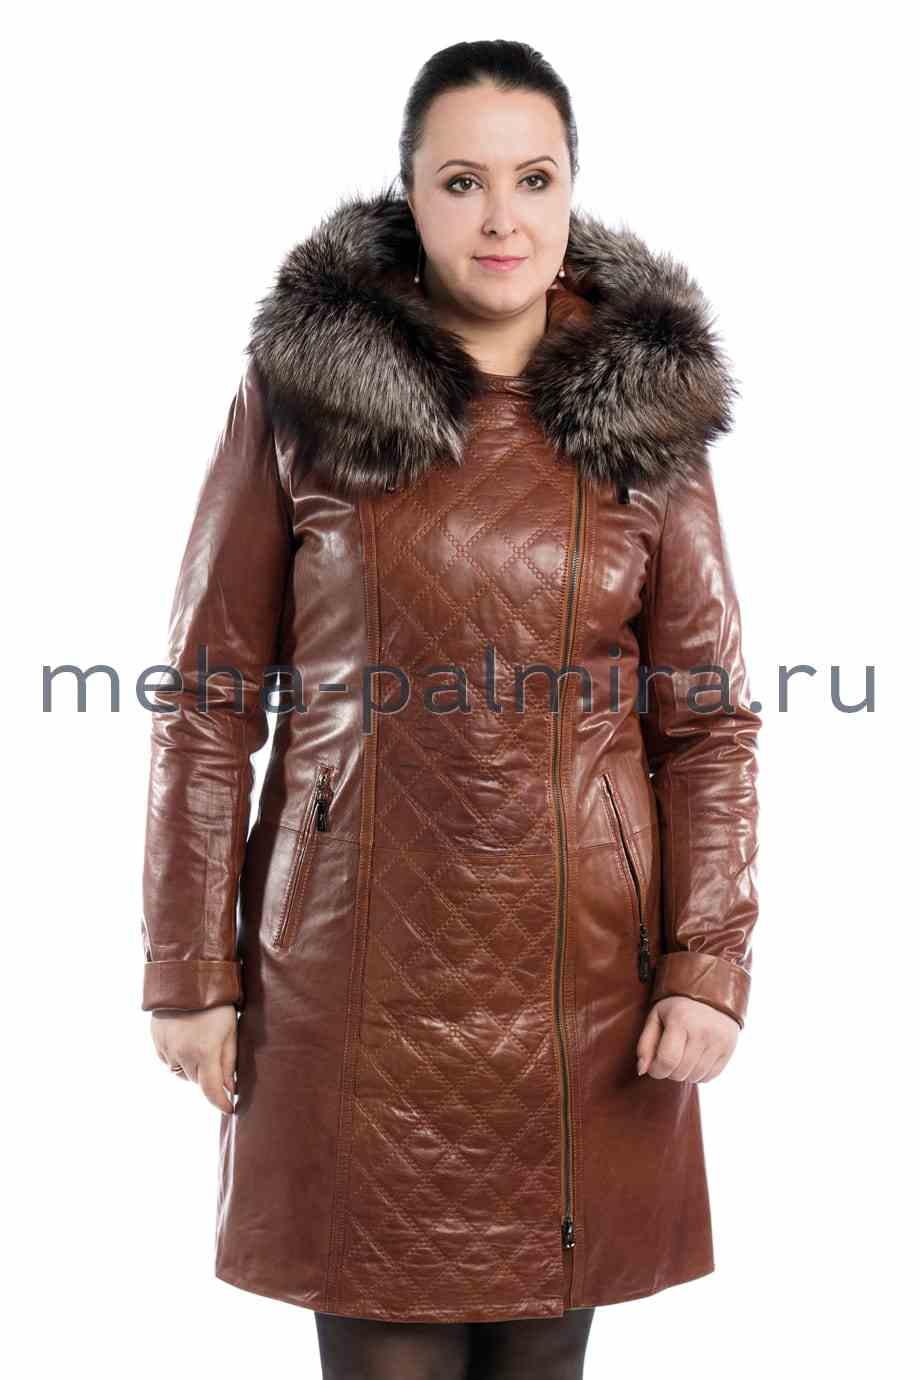 Женский кожаный плащ на молнии, по капюшону мех лиса